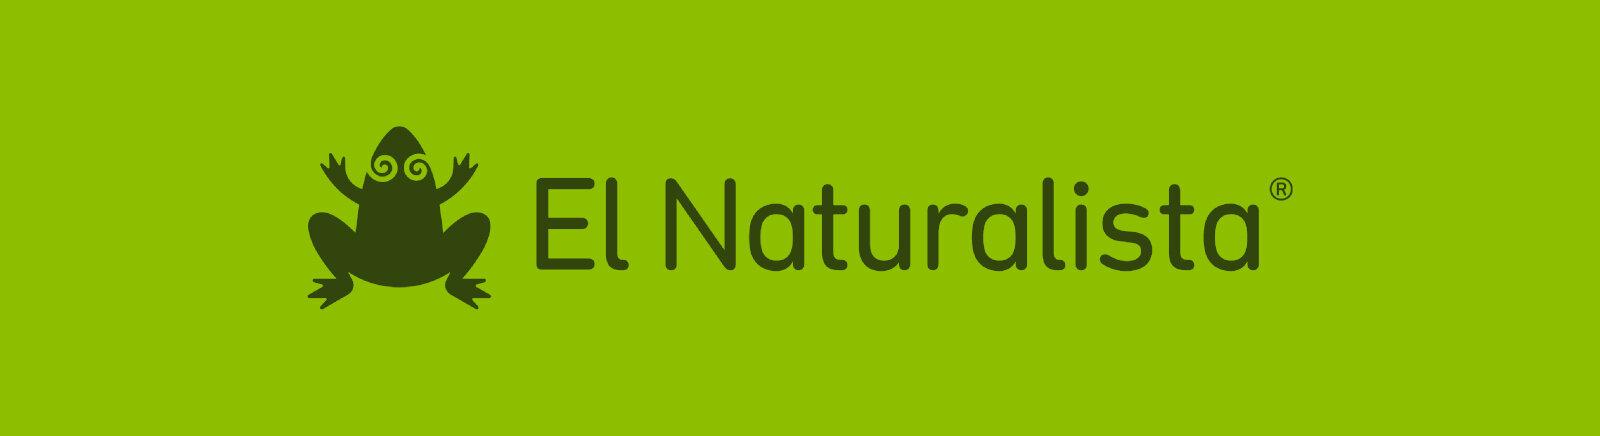 El Naturalista Wedges für Damen im Online-Shop von GISY kaufen